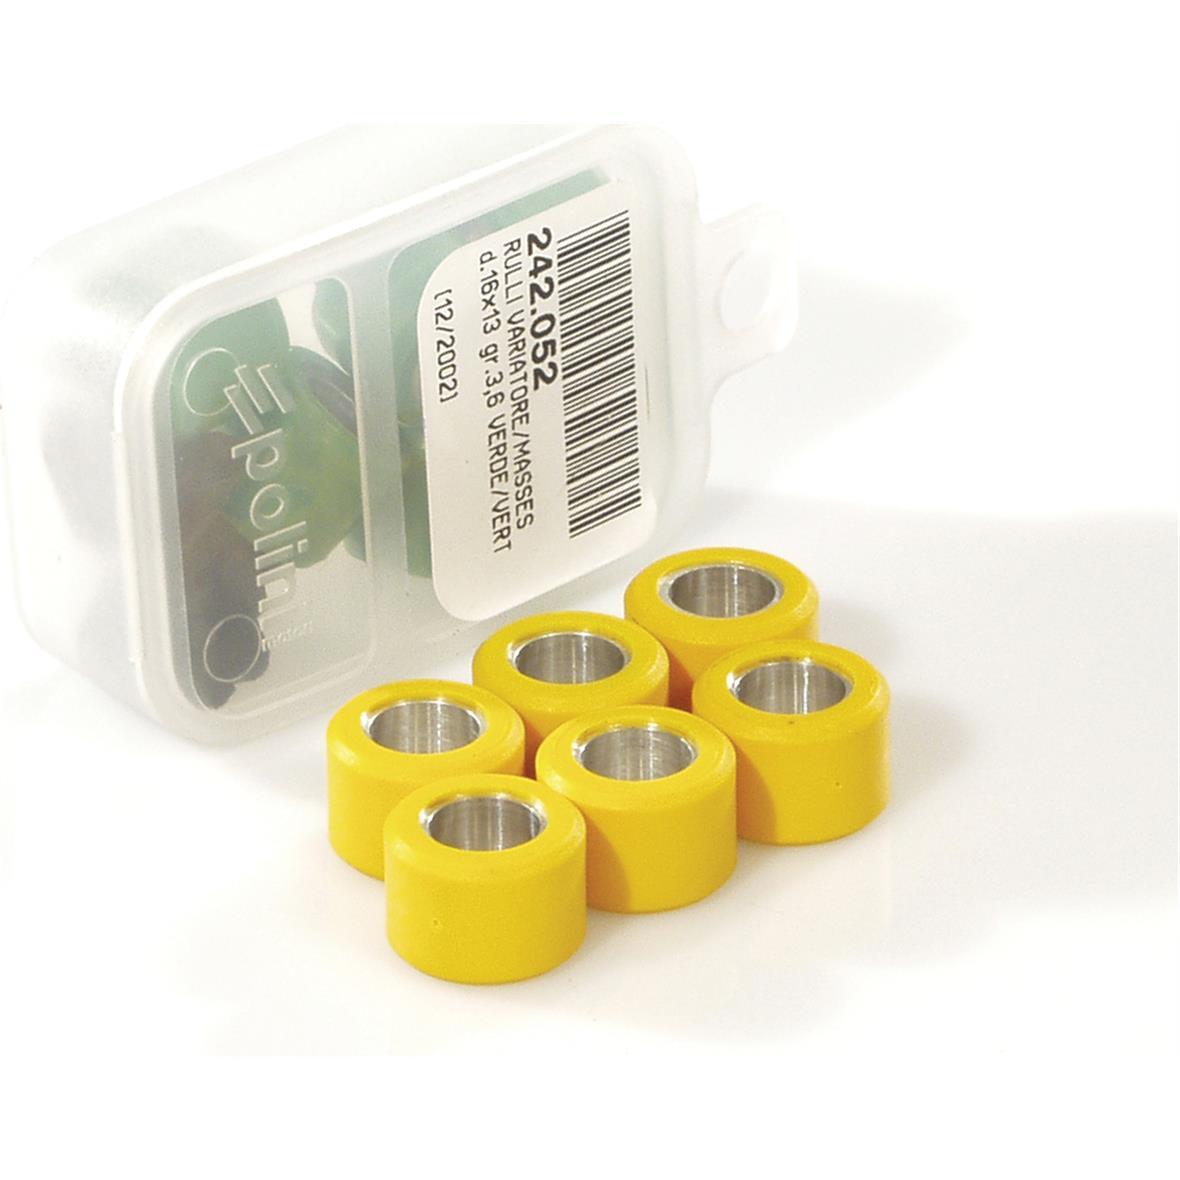 Image du produit 'Rouleaux de variateur POLINI 15x12 mm 4,7g'